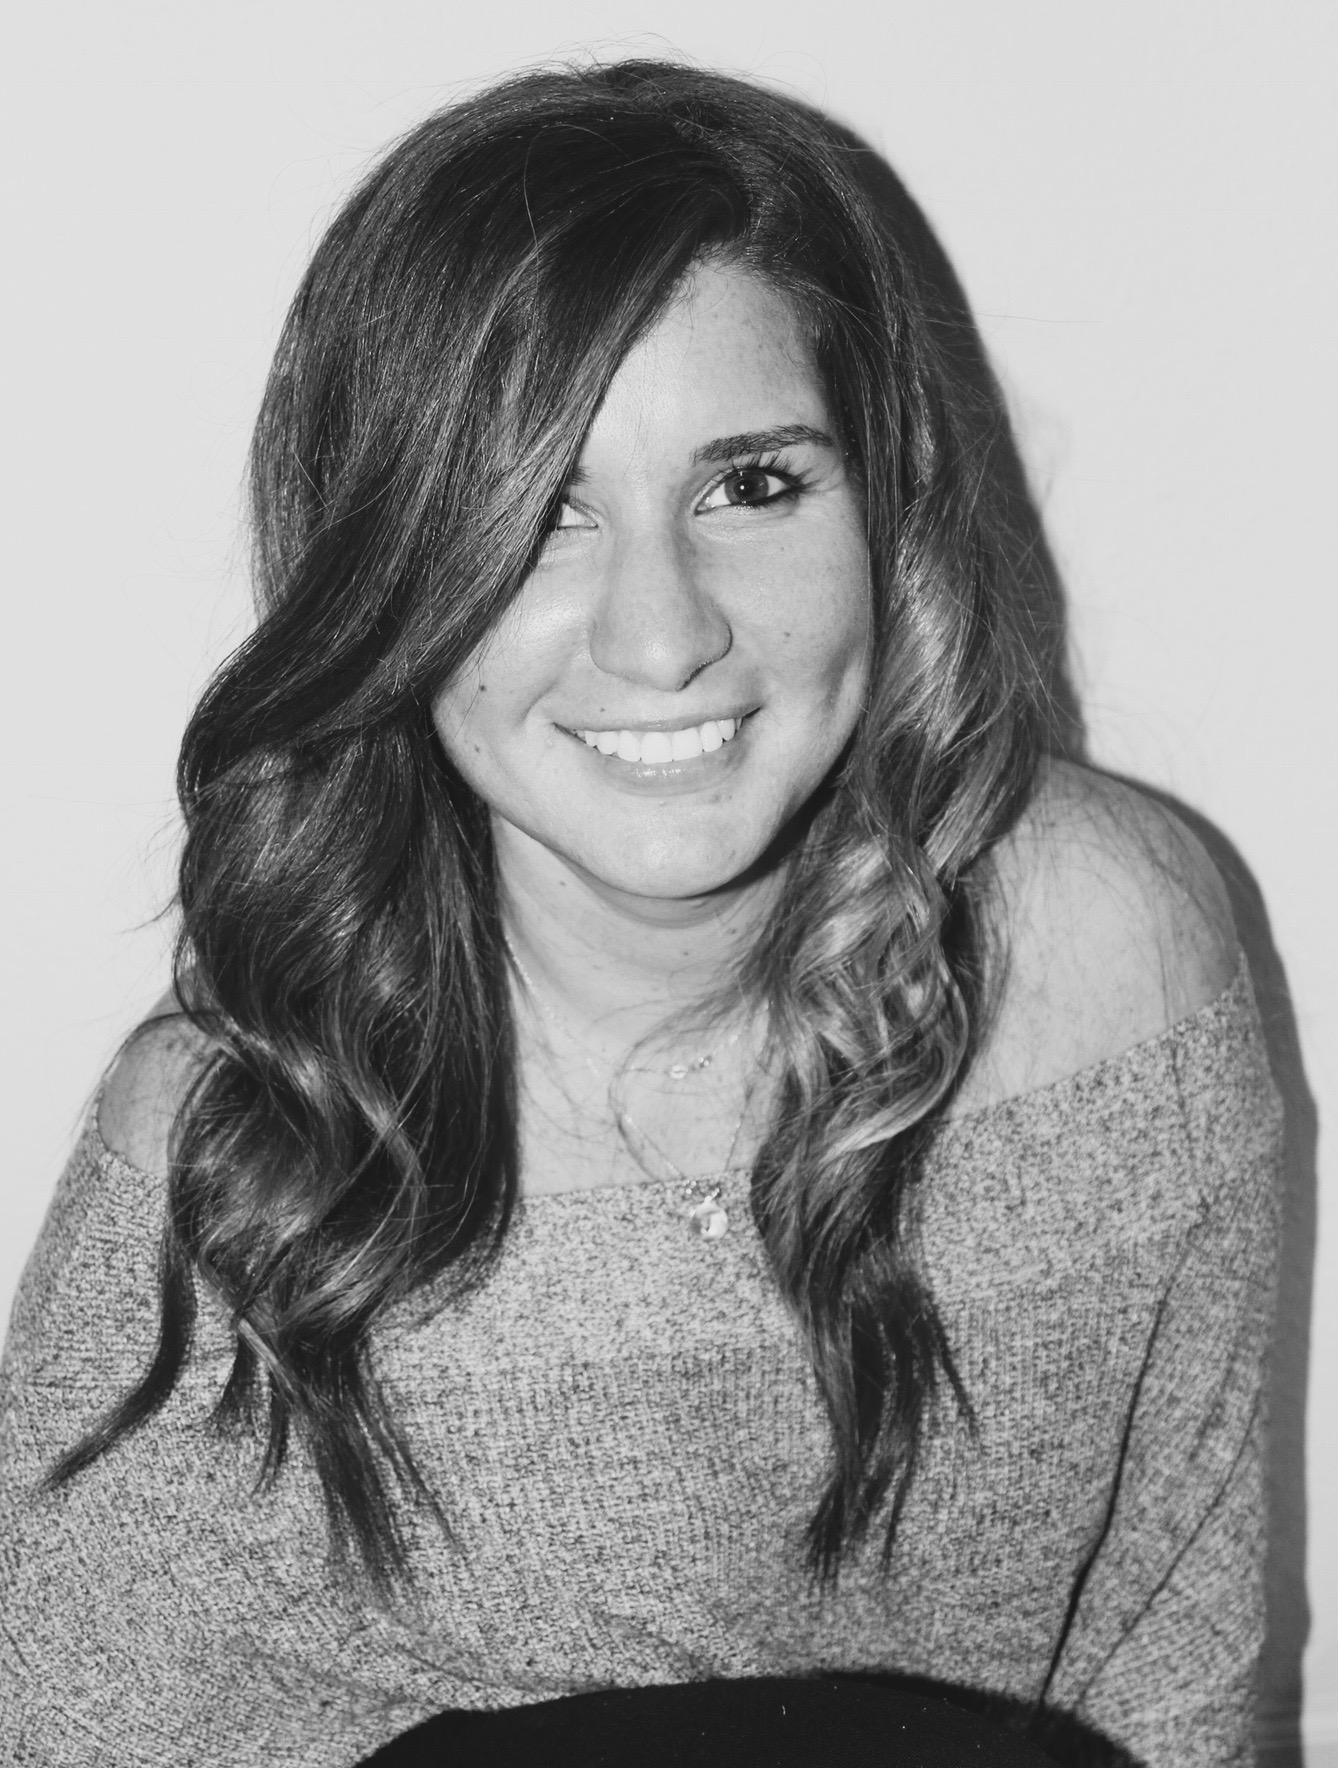 Jessica Briskin